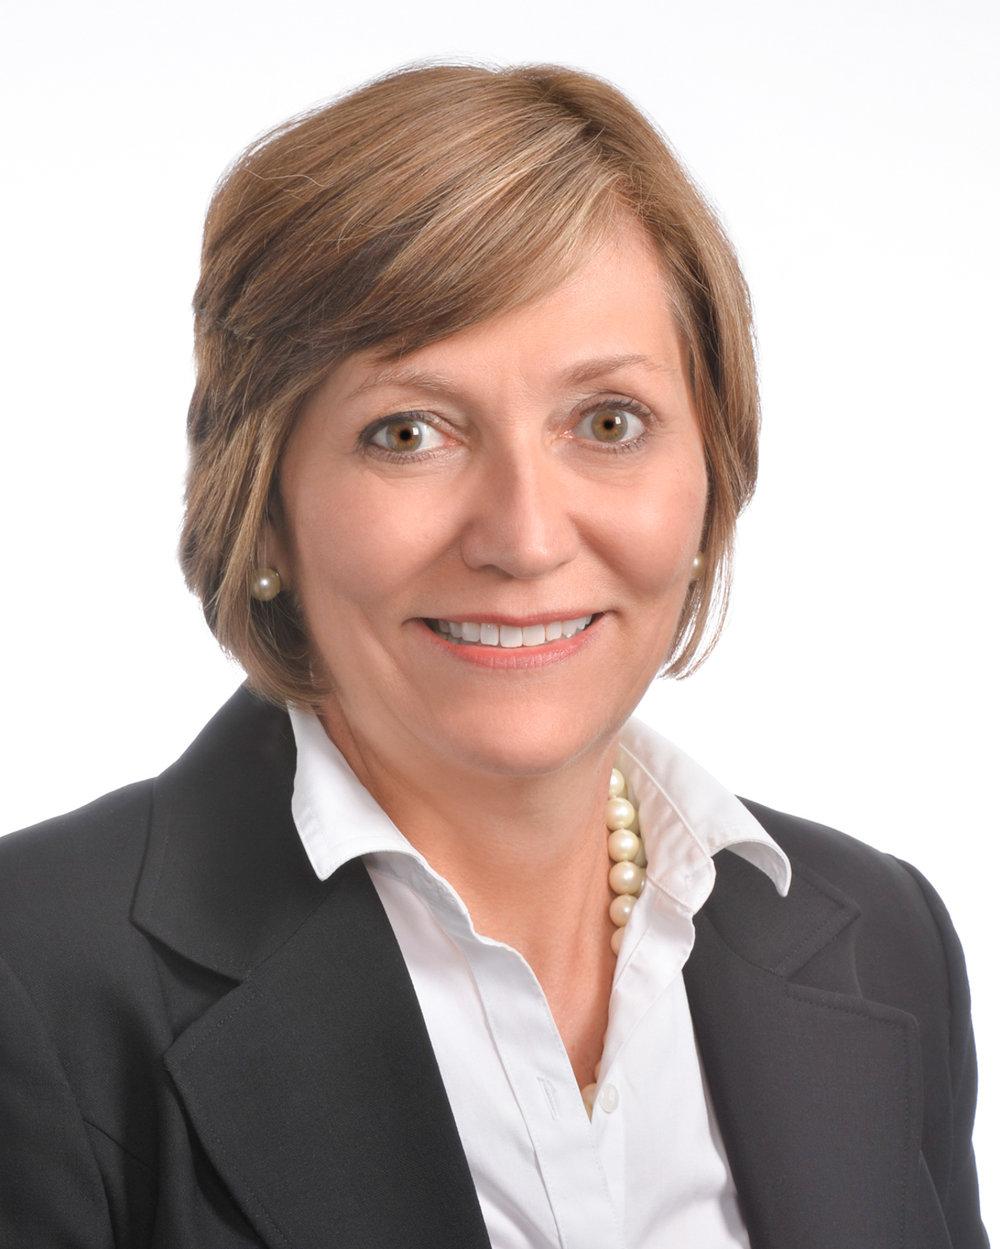 Anne E. Becker - Director